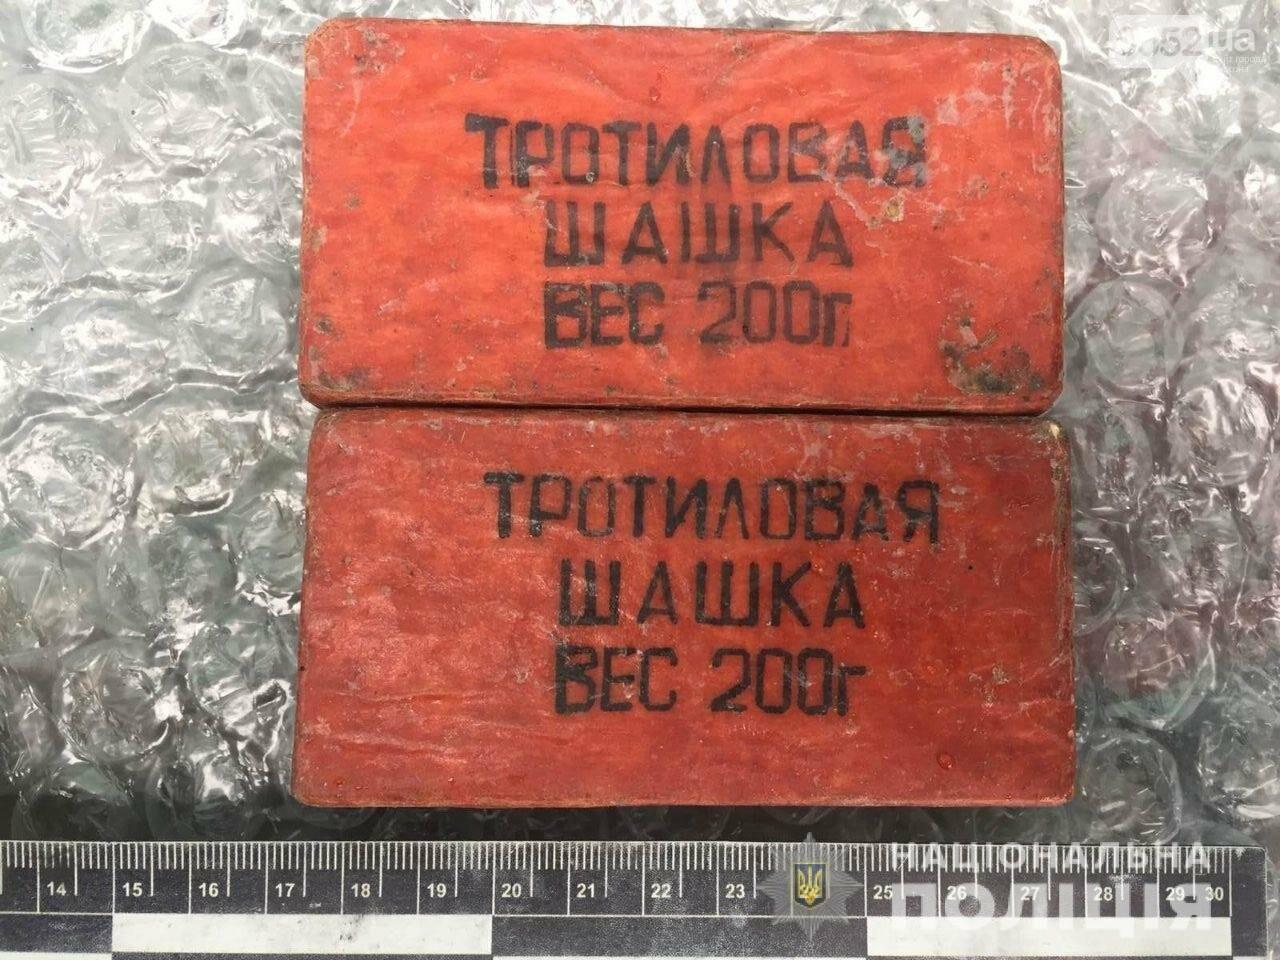 Тротиловые шашка и ручные гранаты продавал на рынке Херсонщины мужчина всем желающим, фото-1